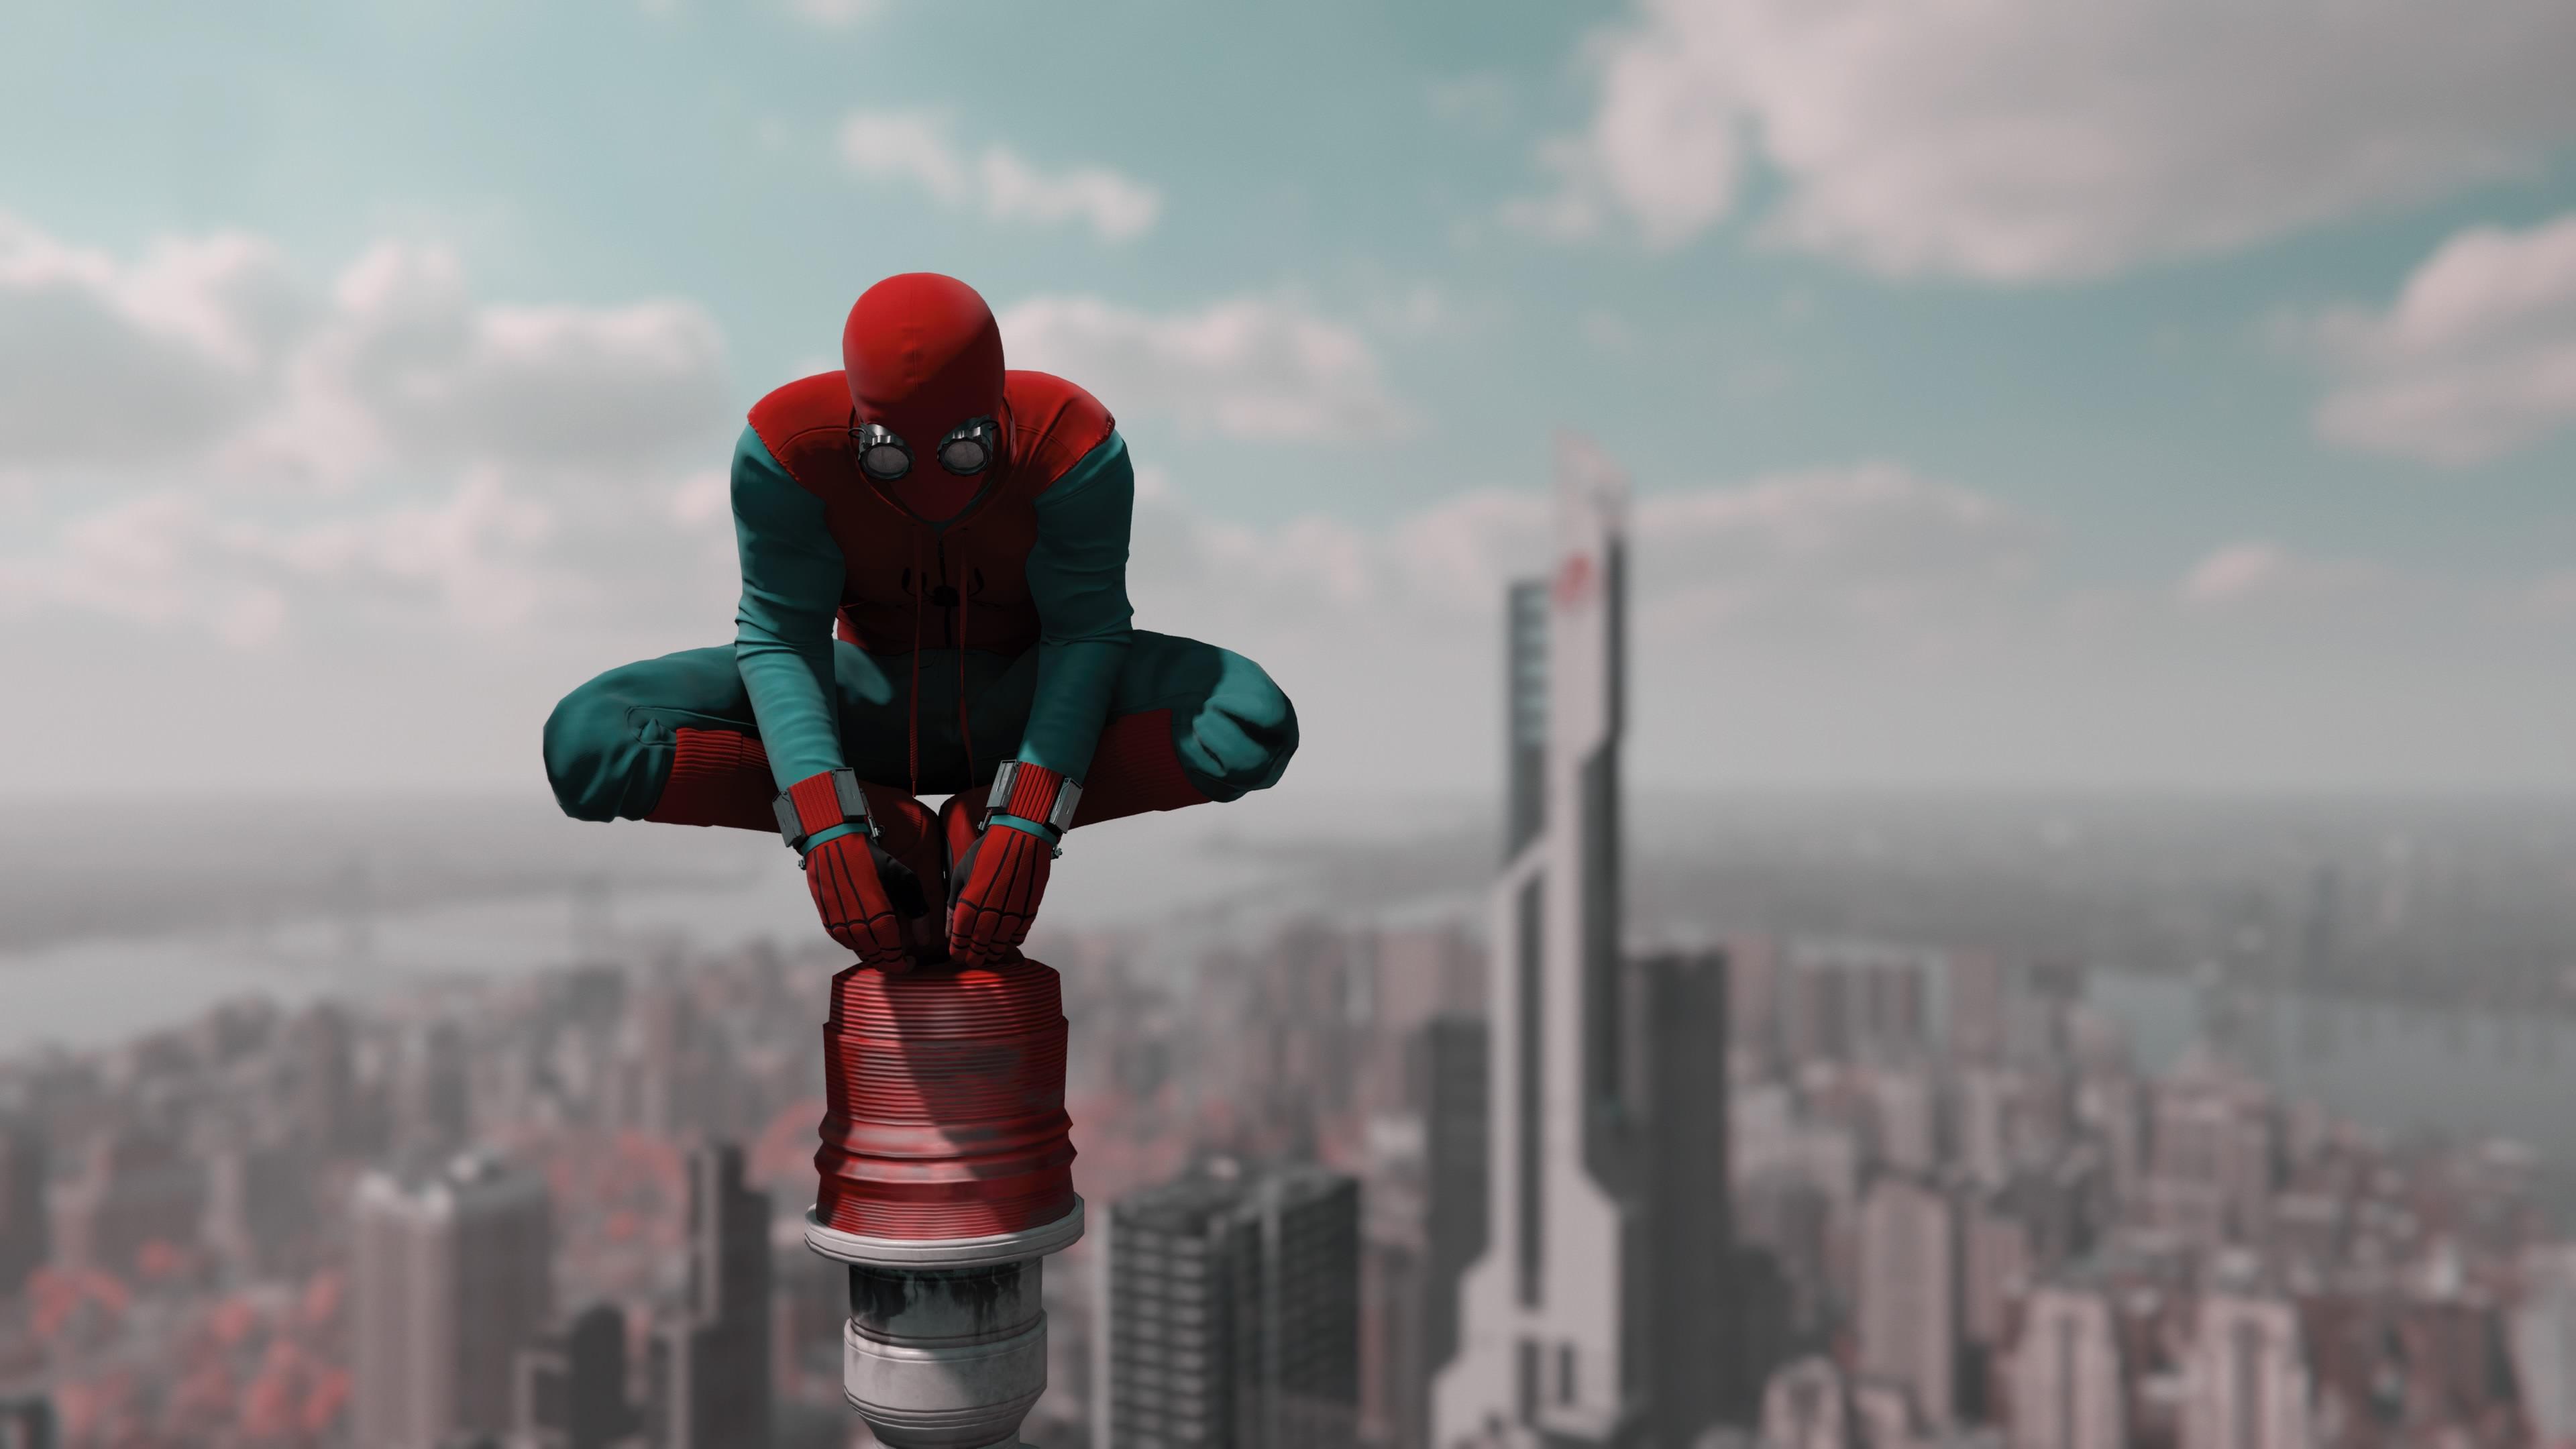 spiderman new 4k 2018 1544286626 - Spiderman New 4k 2018 - superheroes wallpapers, spiderman wallpapers, hd-wallpapers, digital art wallpapers, artwork wallpapers, art wallpapers, 4k-wallpapers